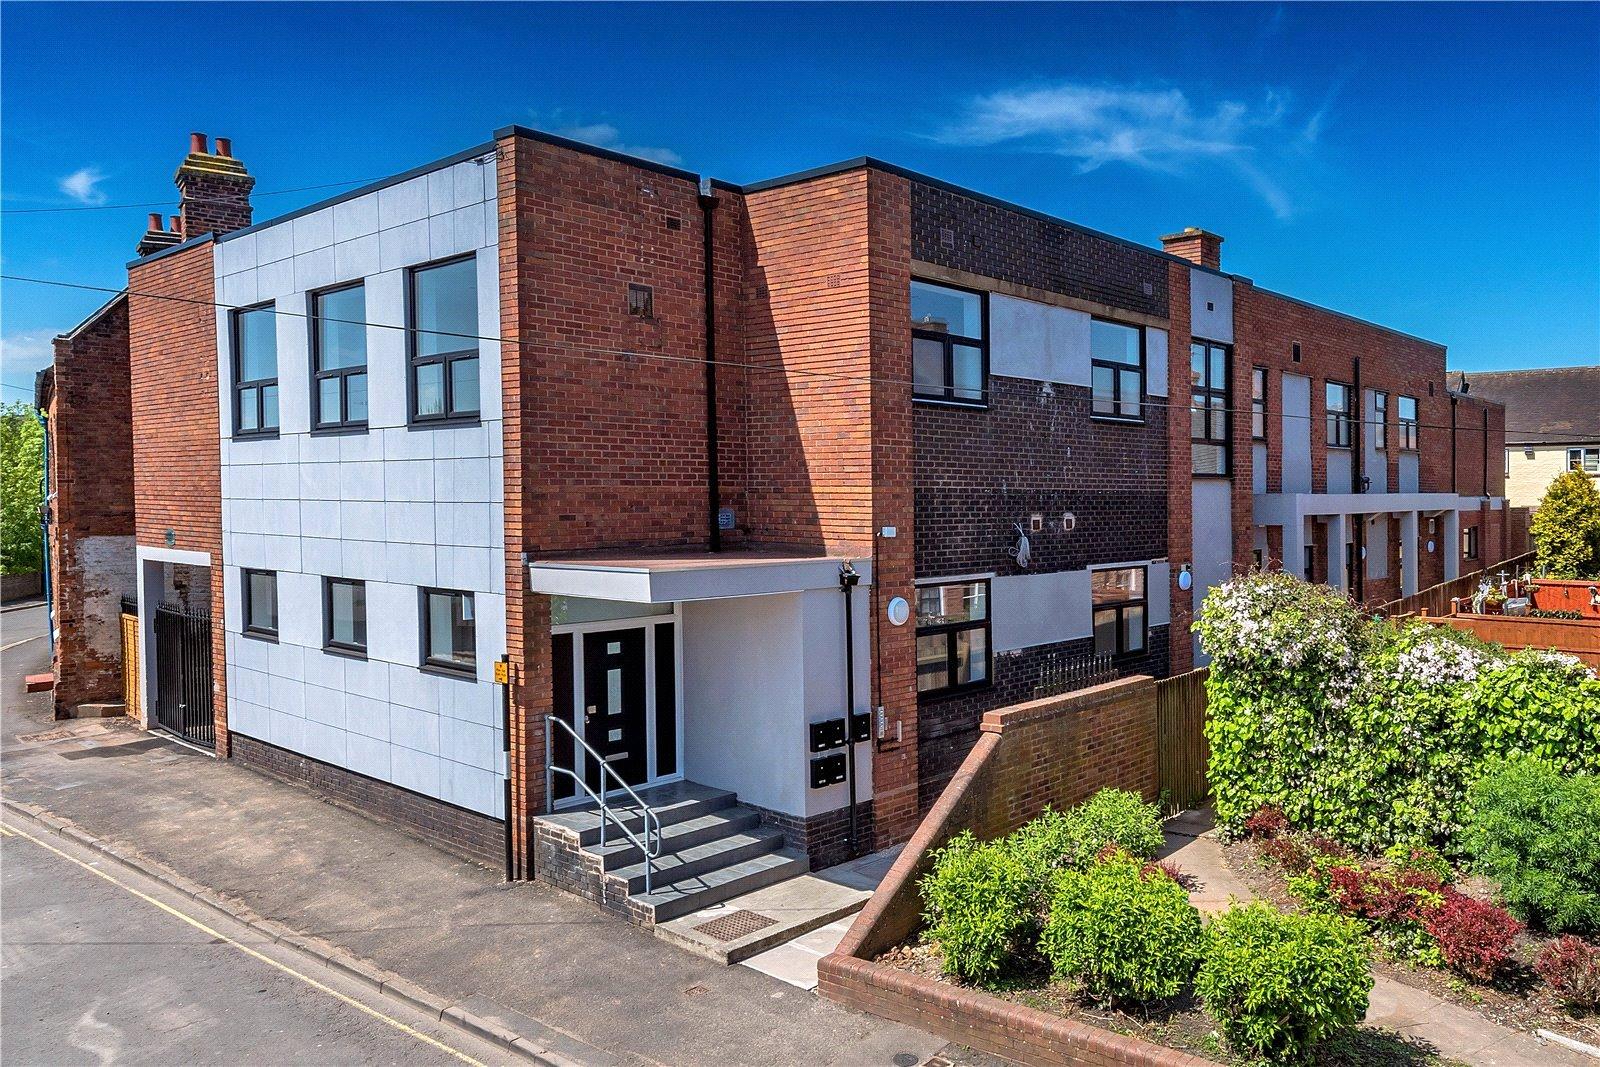 Apartments 1-6 Listley Place, 27 Listley Street, Bridgnorth, Shropshire, WV16